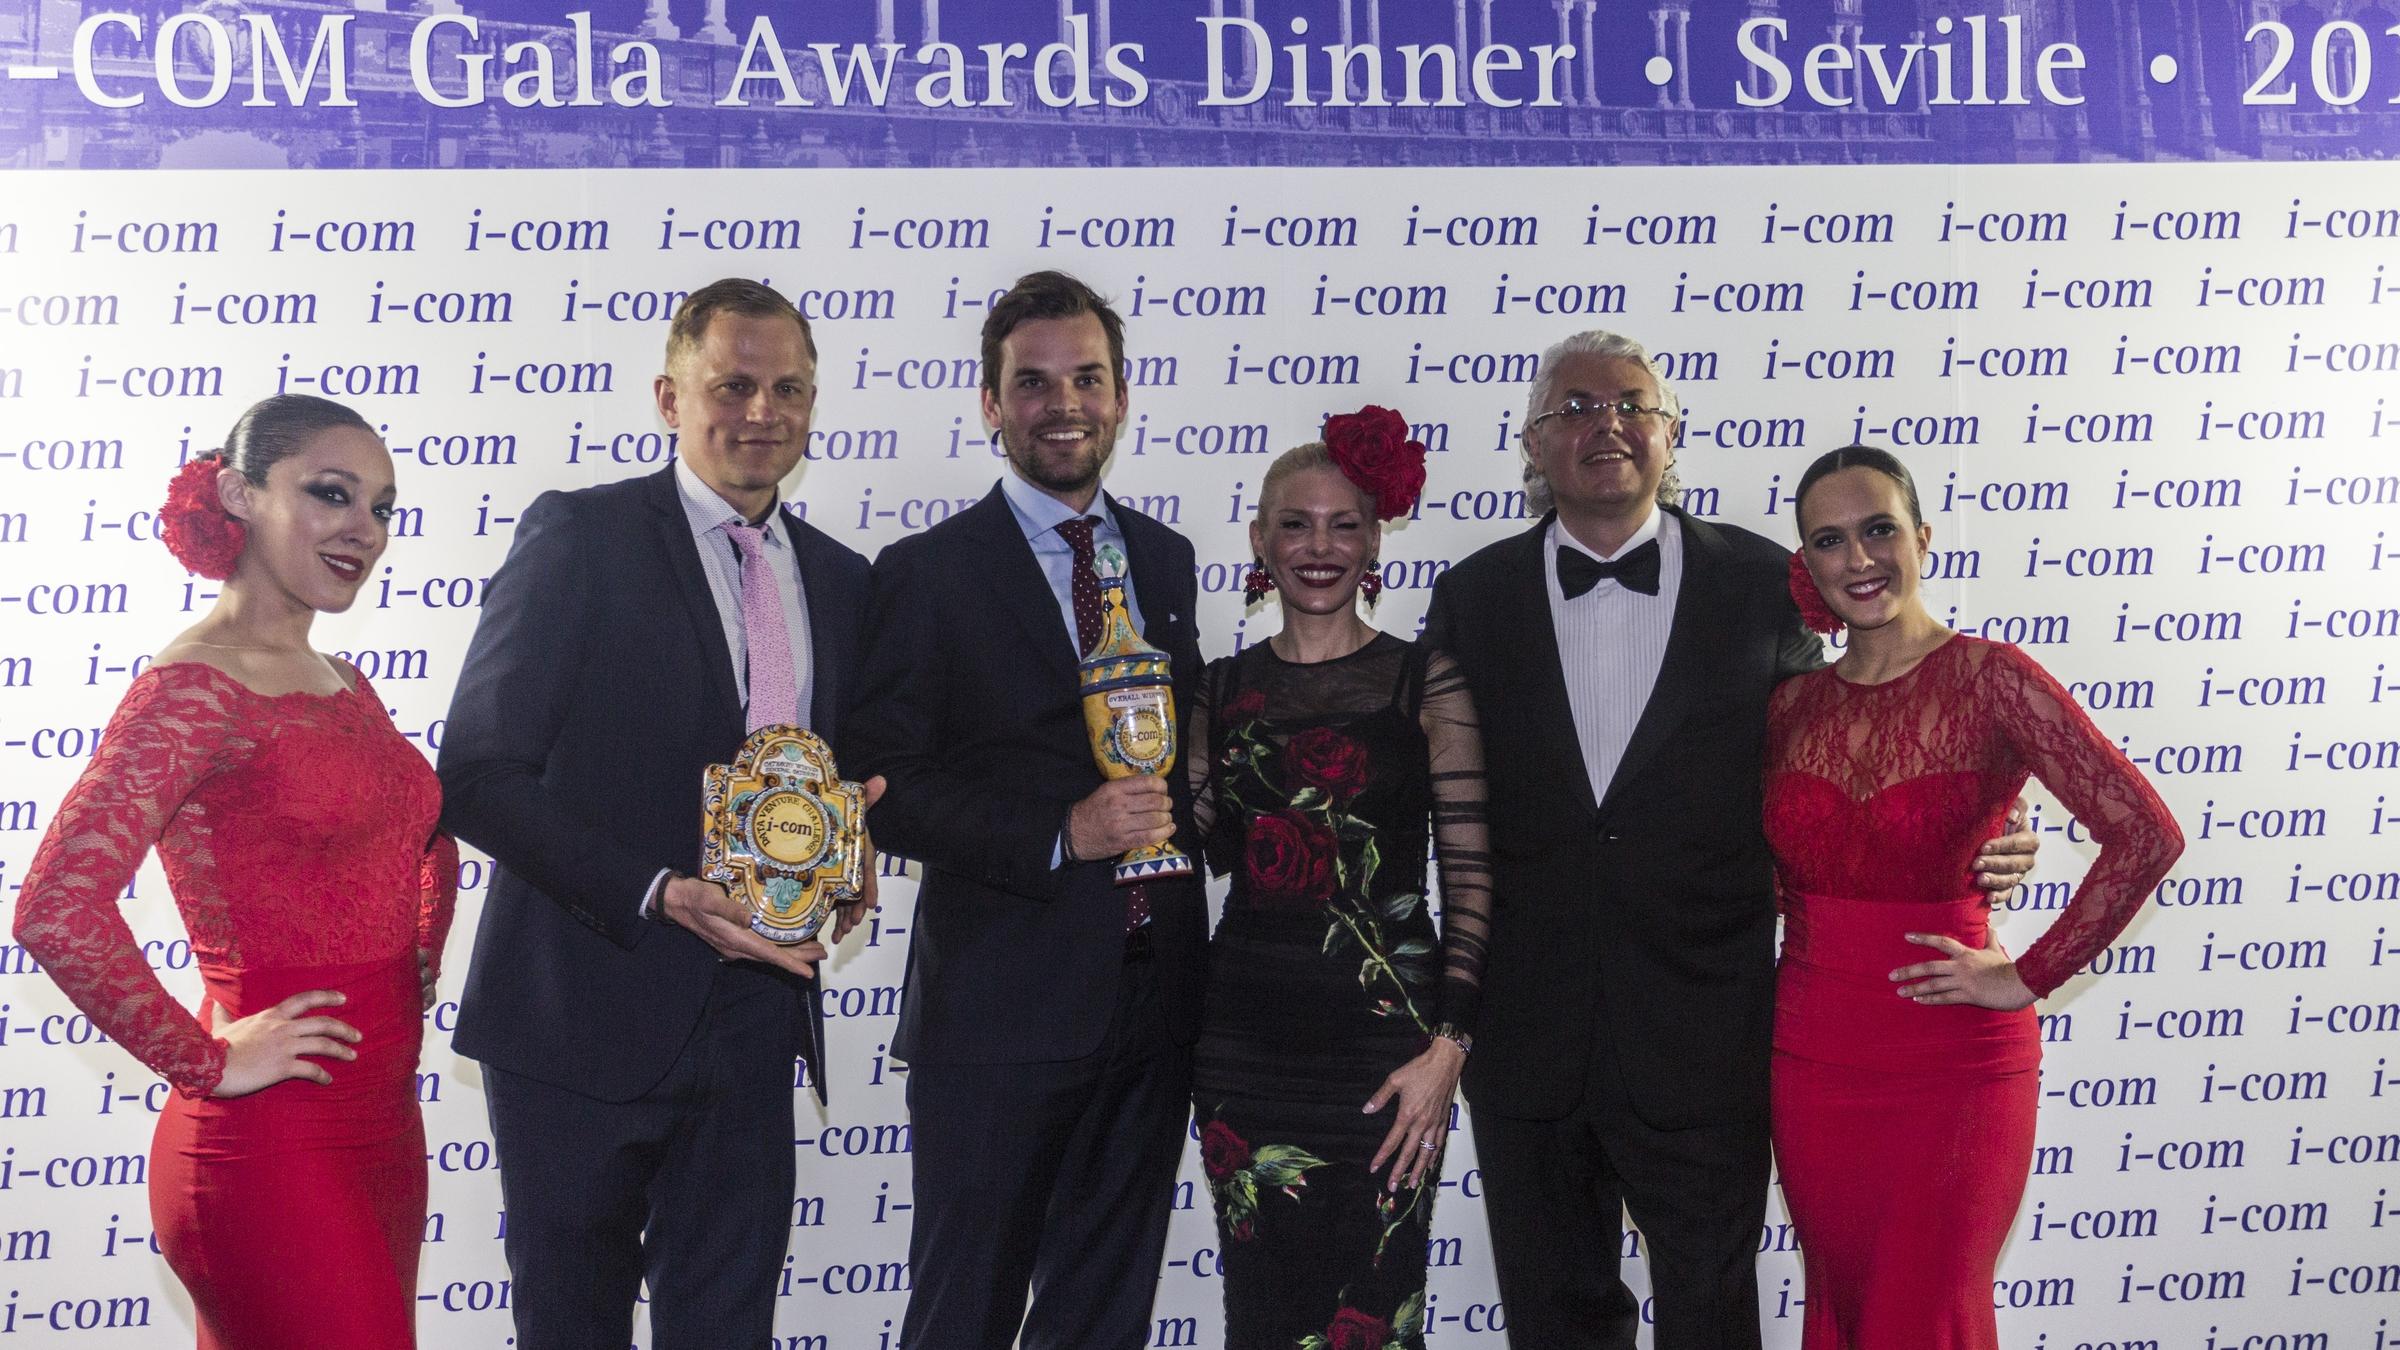 I-COM Data Venture Challenge Winner - Seville 2016